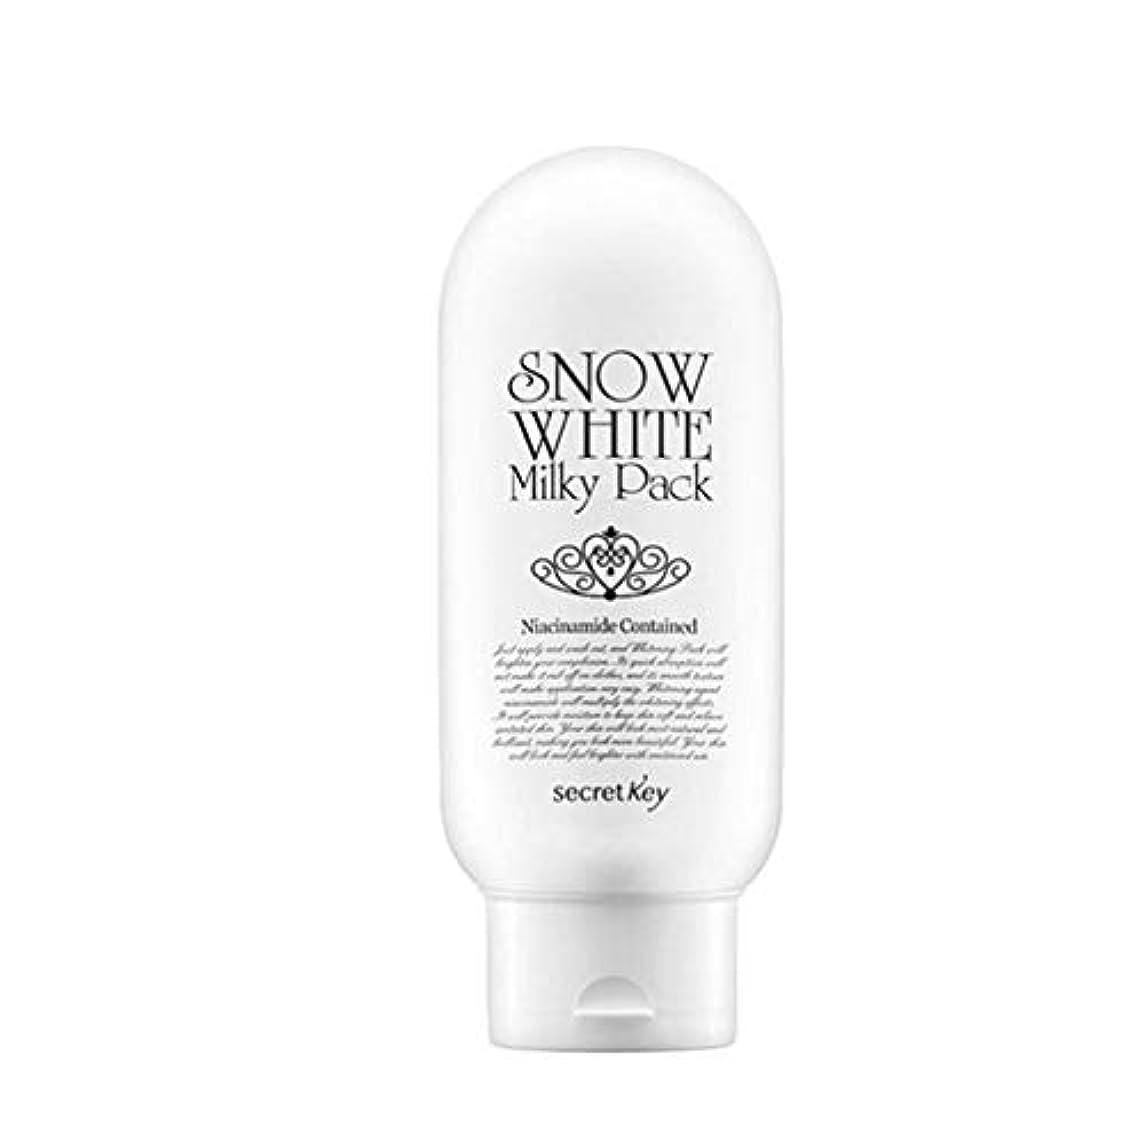 スキームクラッチクランプシークレットキースノーホワイトミルキーパック200g韓国コスメ、Secret Key Snow White Milky Pack 200g Korean Cosmetics [並行輸入品]